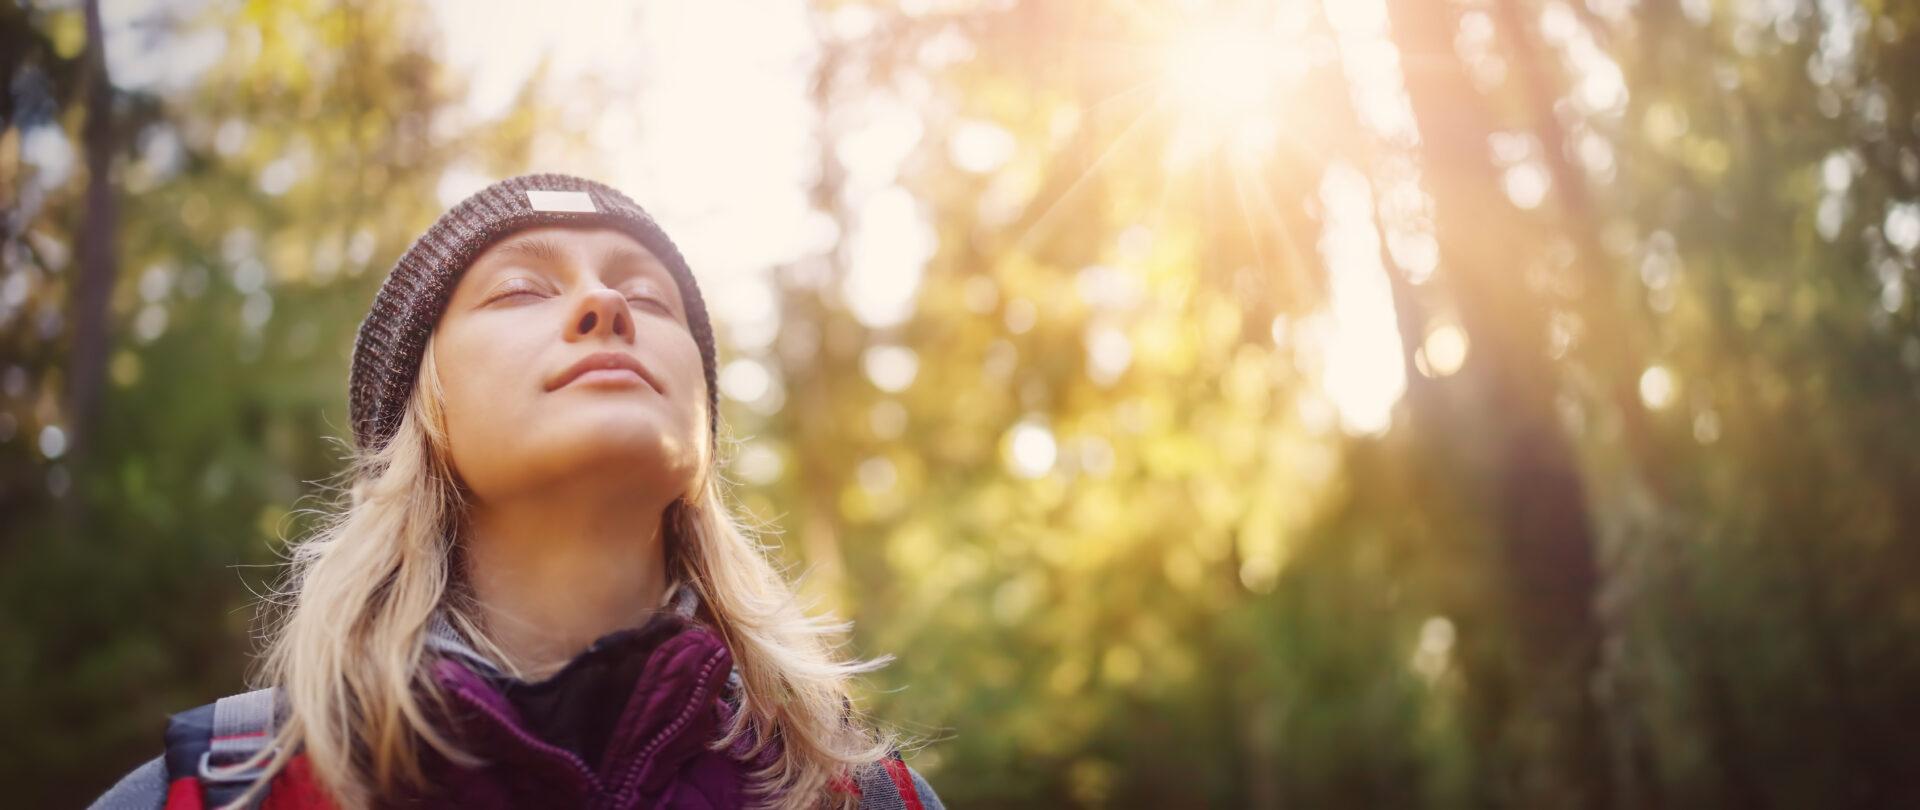 Waldbaden hilft gegen Stress im Alltag und entspannt